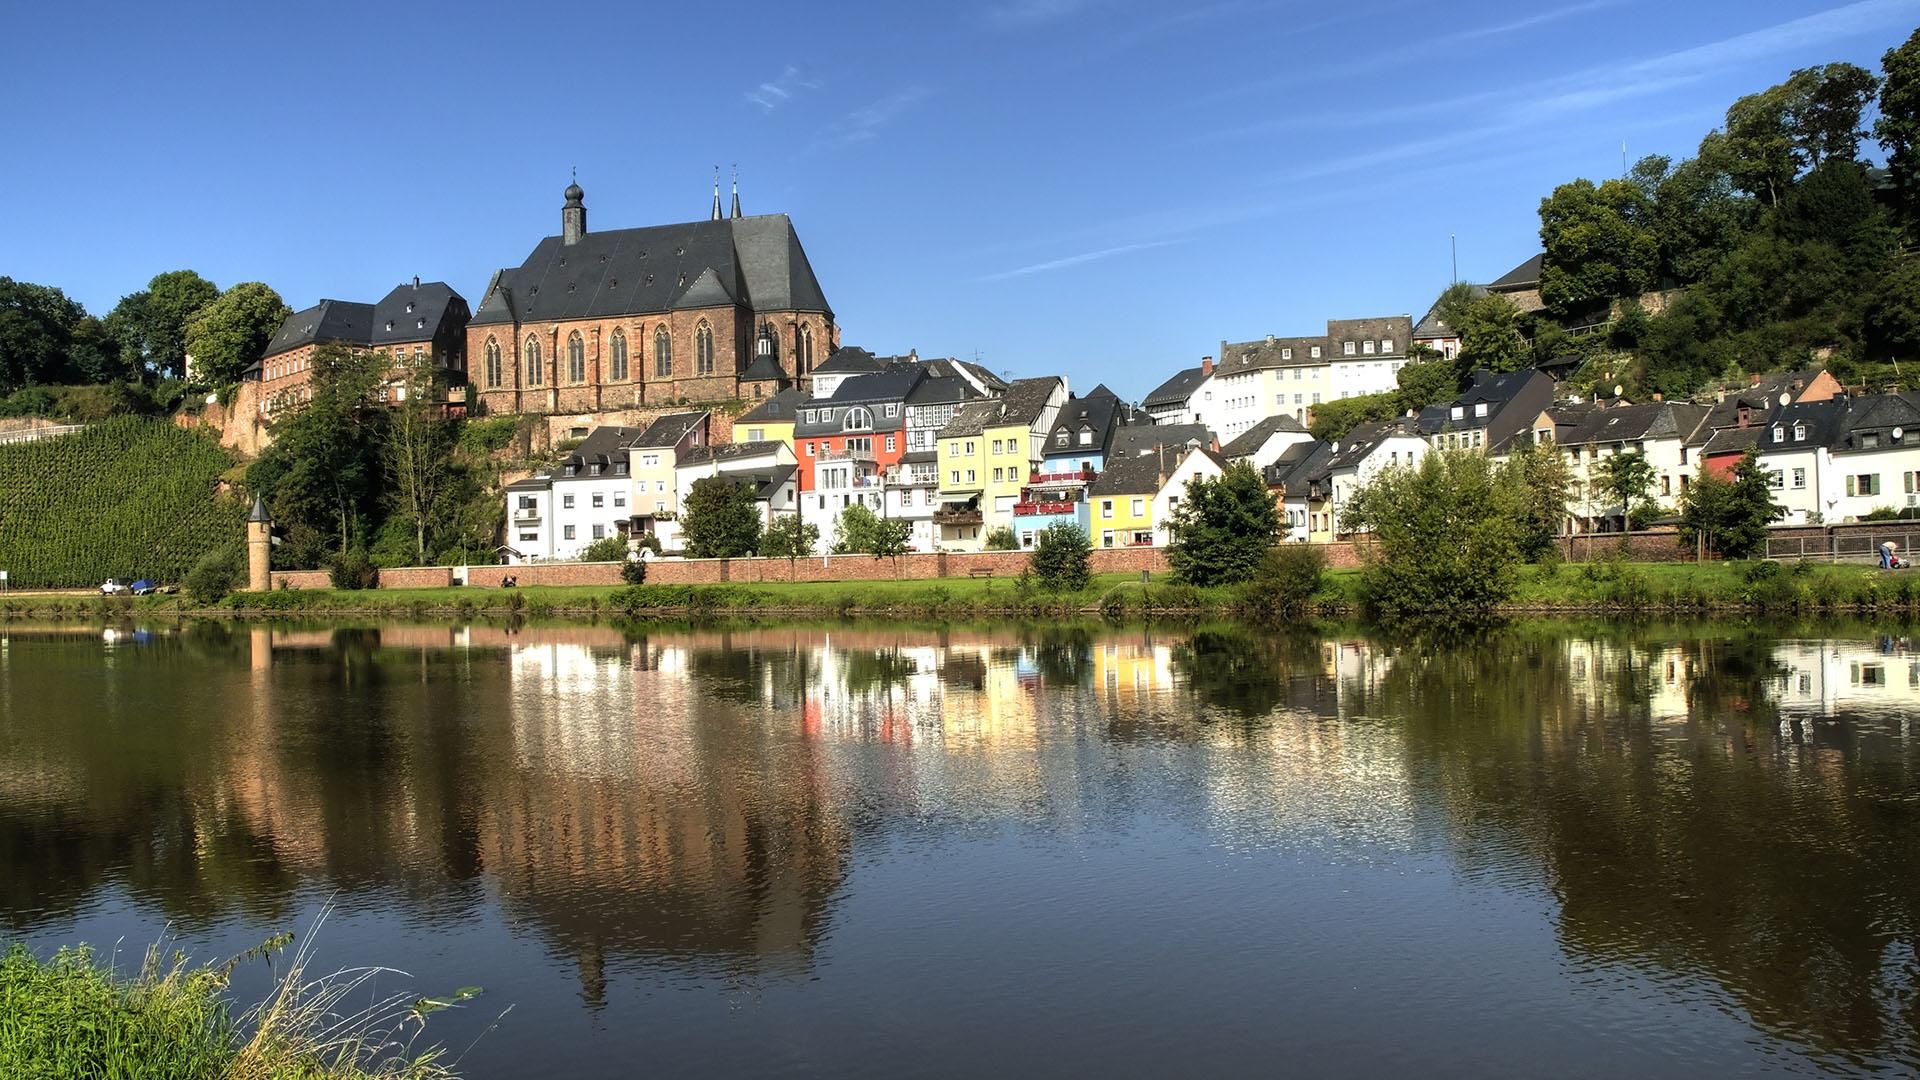 Het stadje Saarburg aan de Saar.